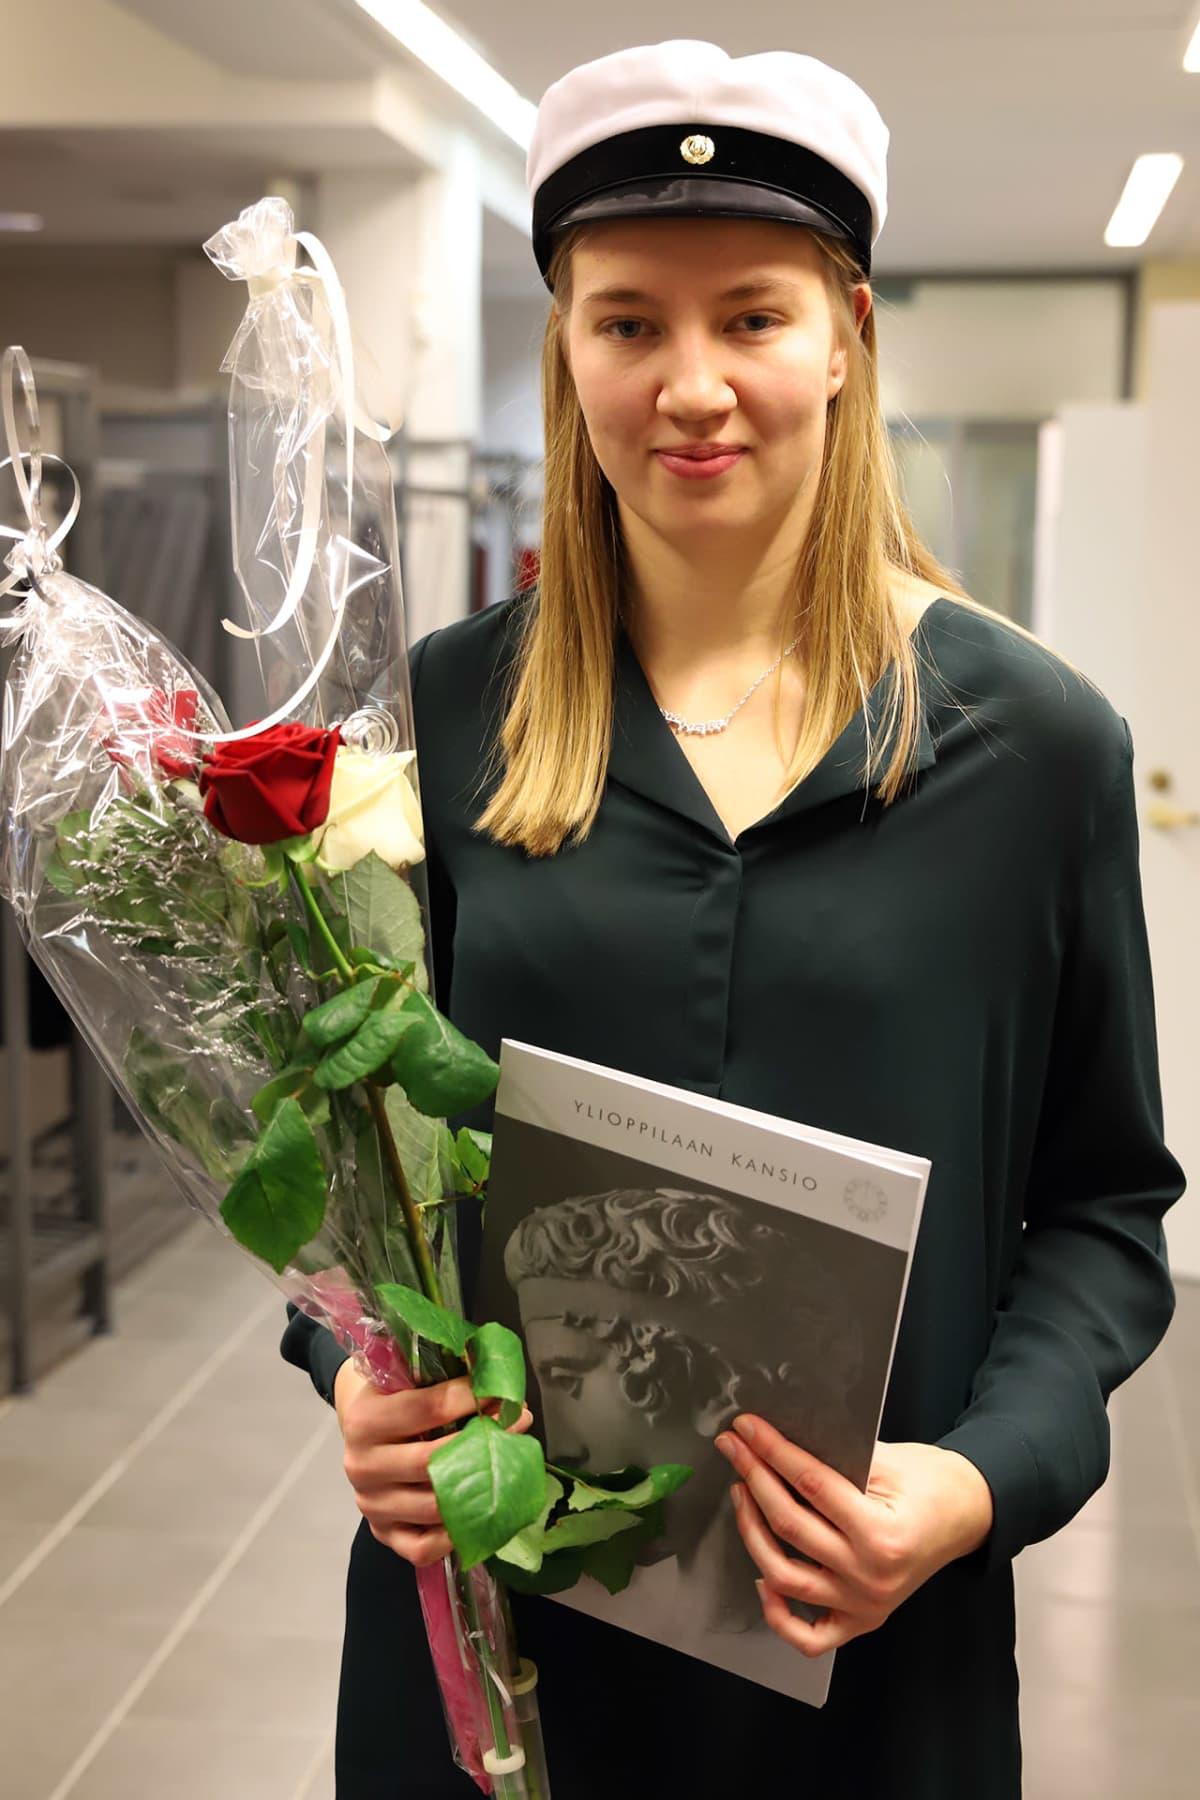 Mette Baas valkolakki päässään, kukat ja ylioppilastutkintotodistus kädessään.